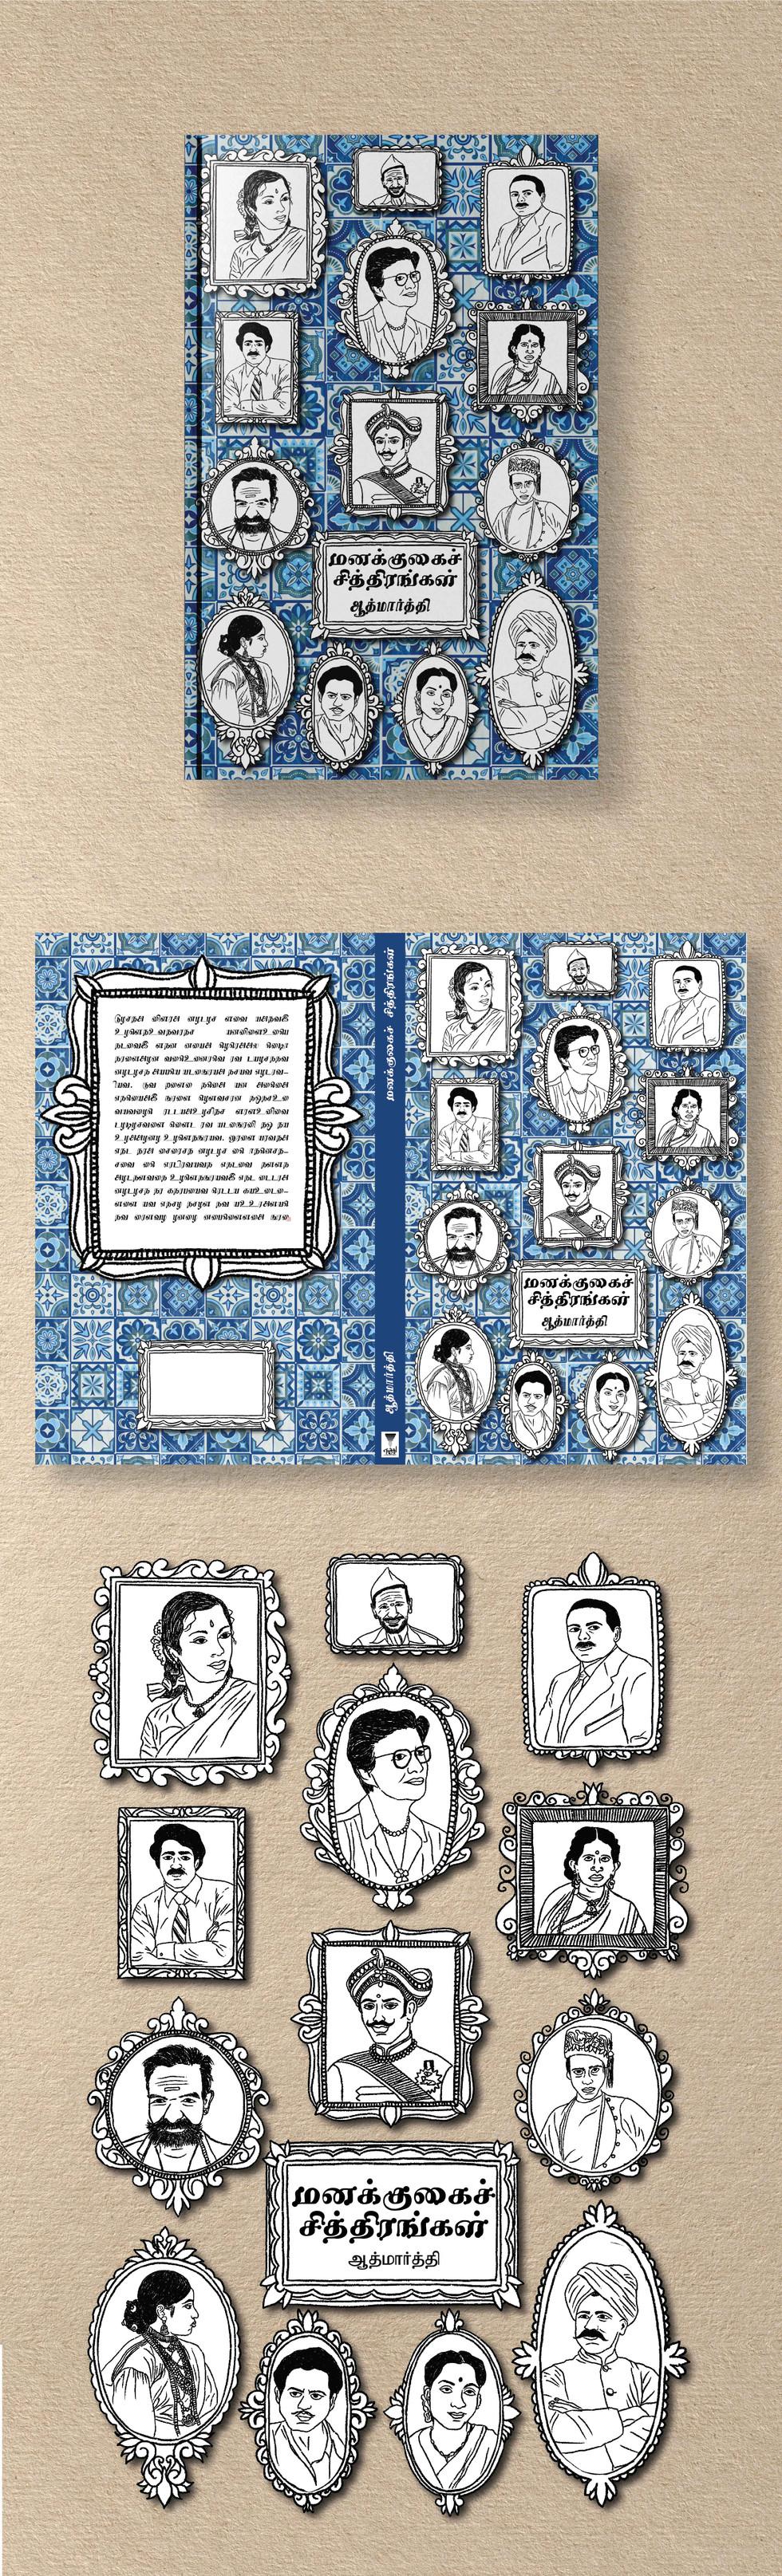 Managugai chithirangal book cover.jpg